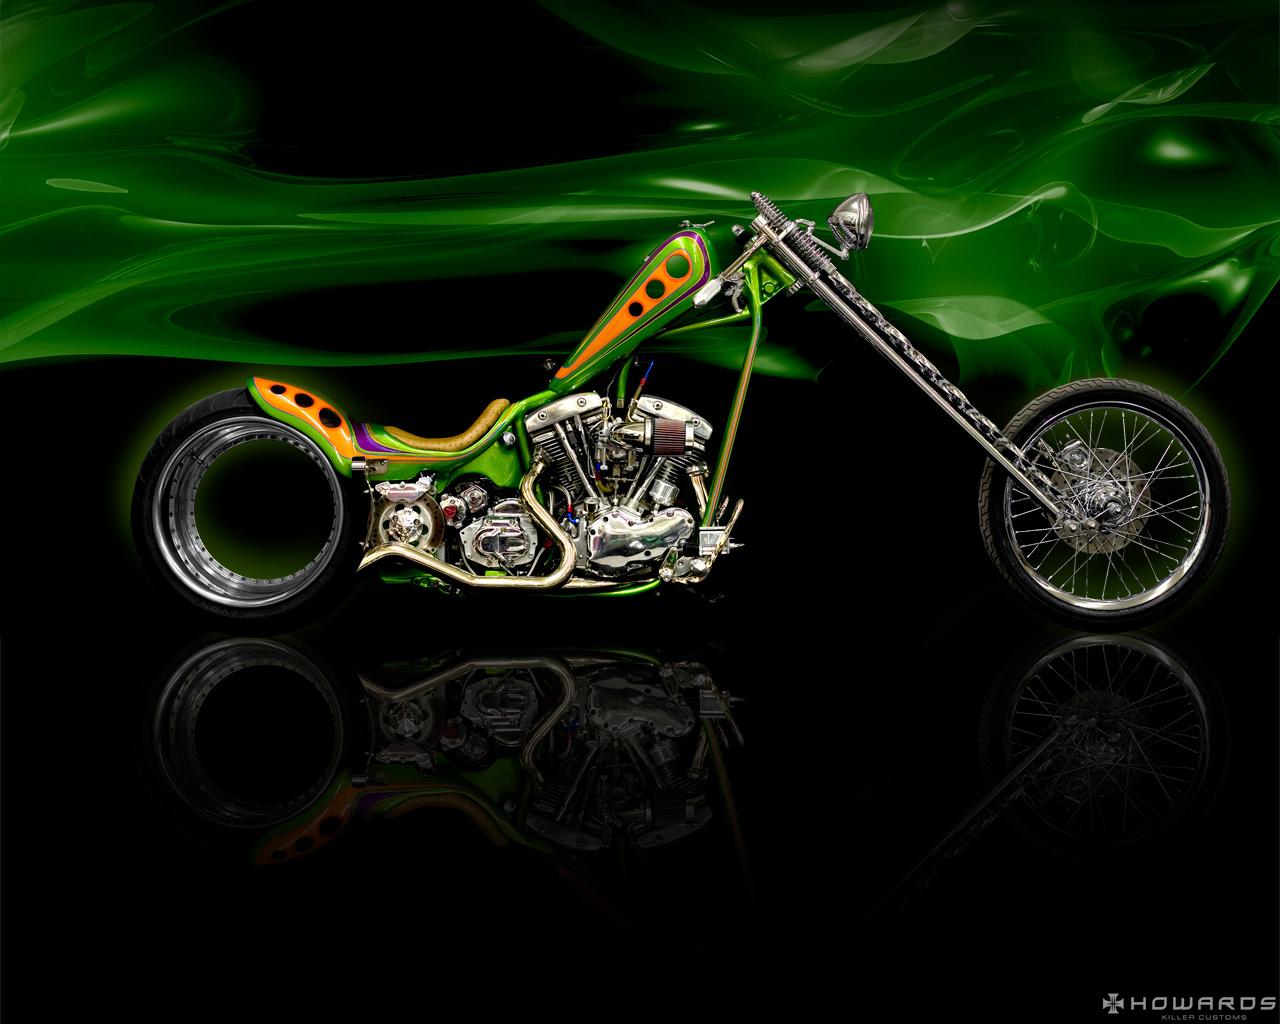 ... yamaha rx king yamaha scorpio modification scrambler rusty limited